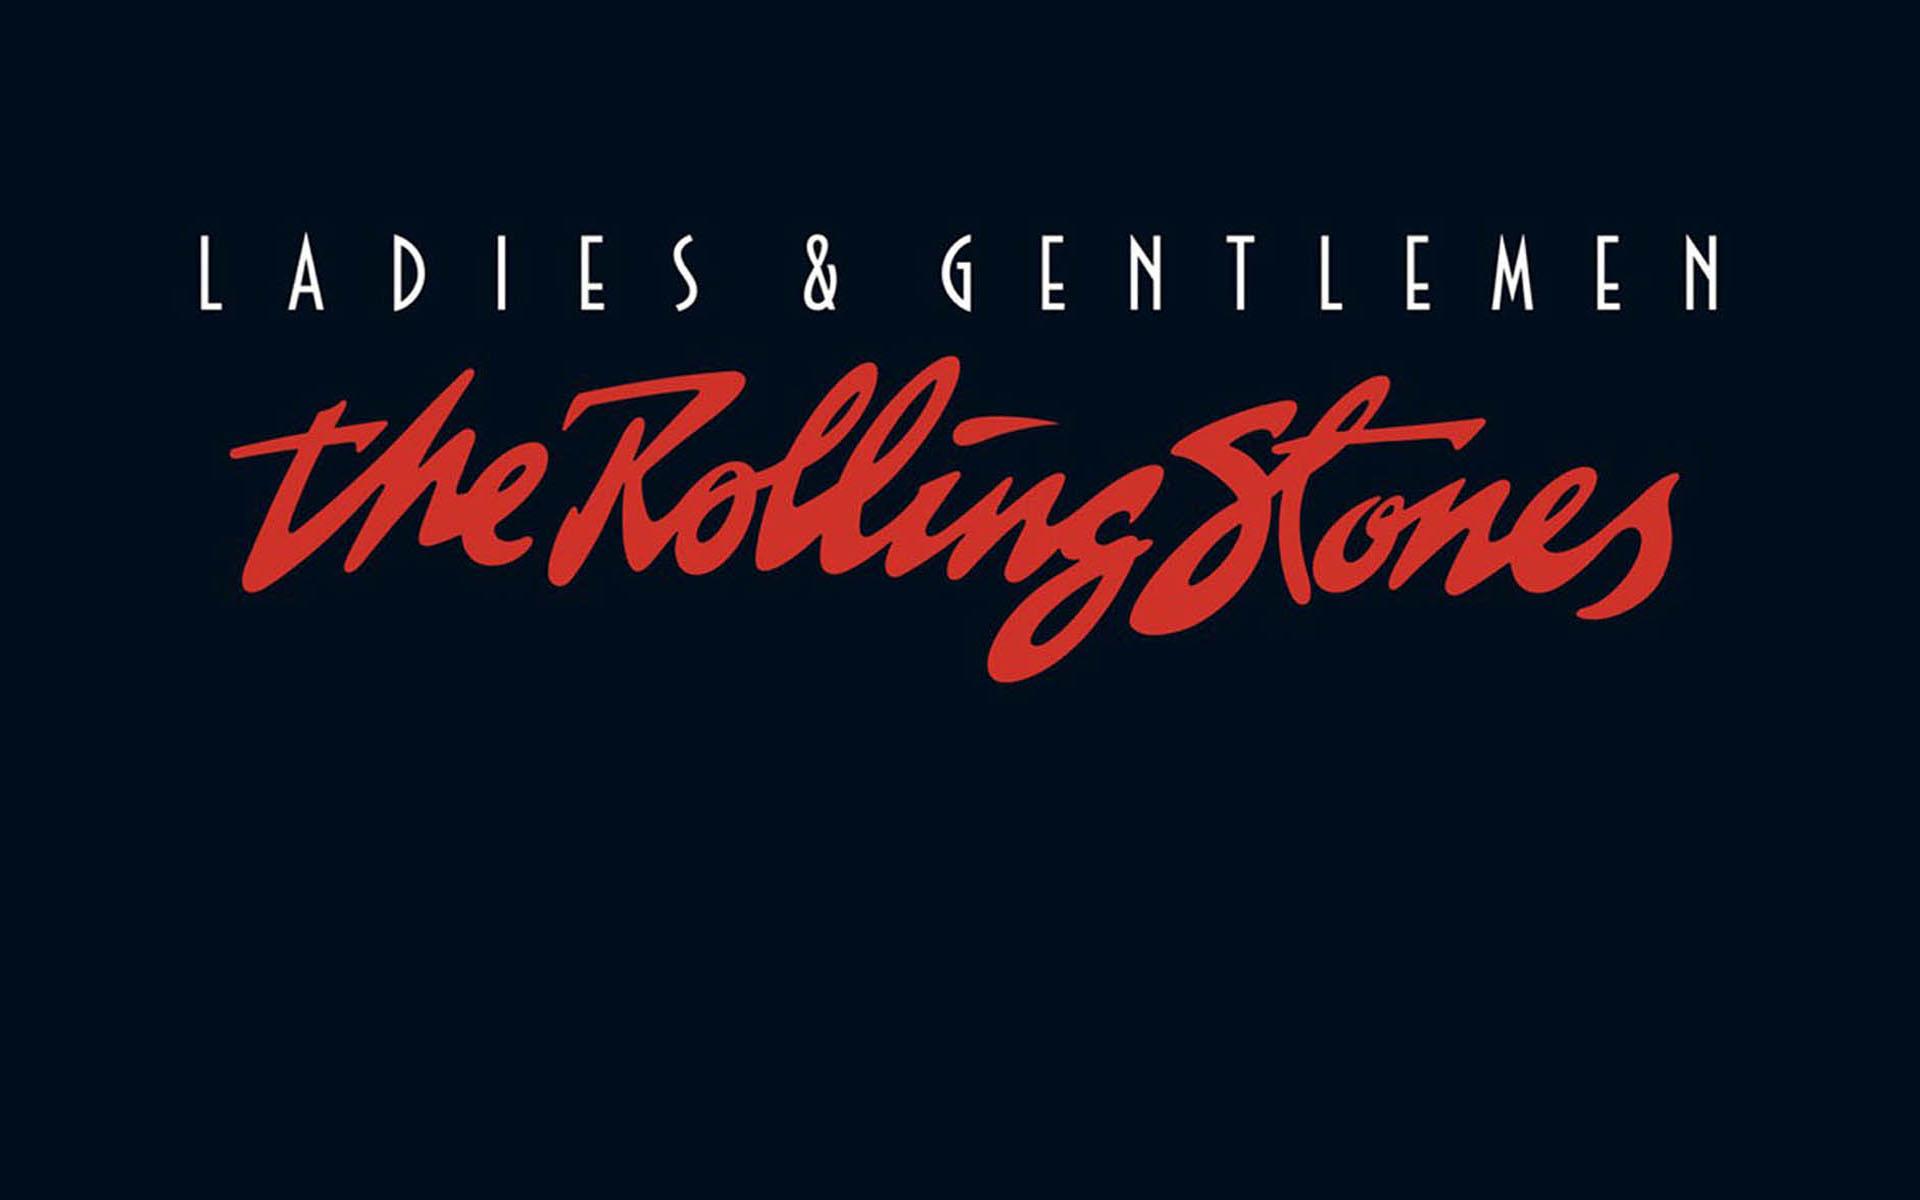 Rolling Stones Wallpaper Wallpapersafari